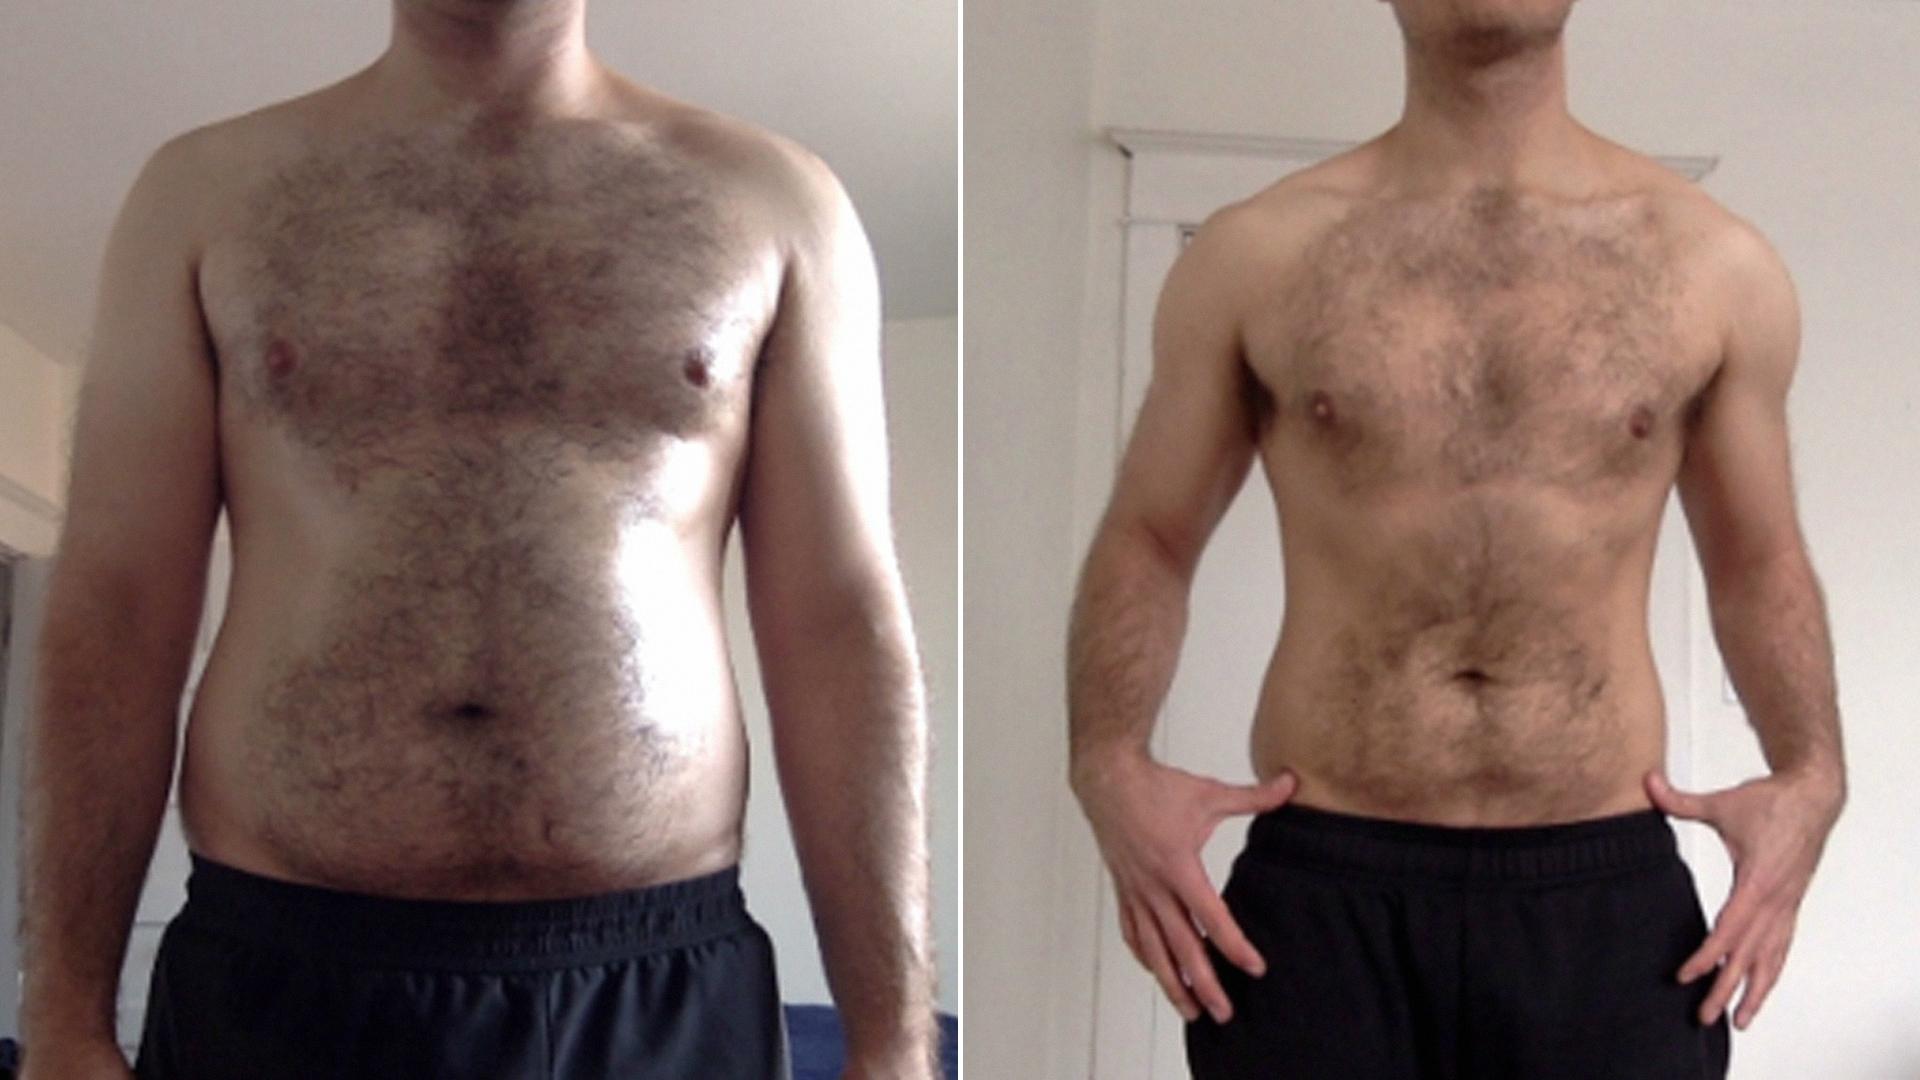 come posso perdere il mio peso in 3 mesi